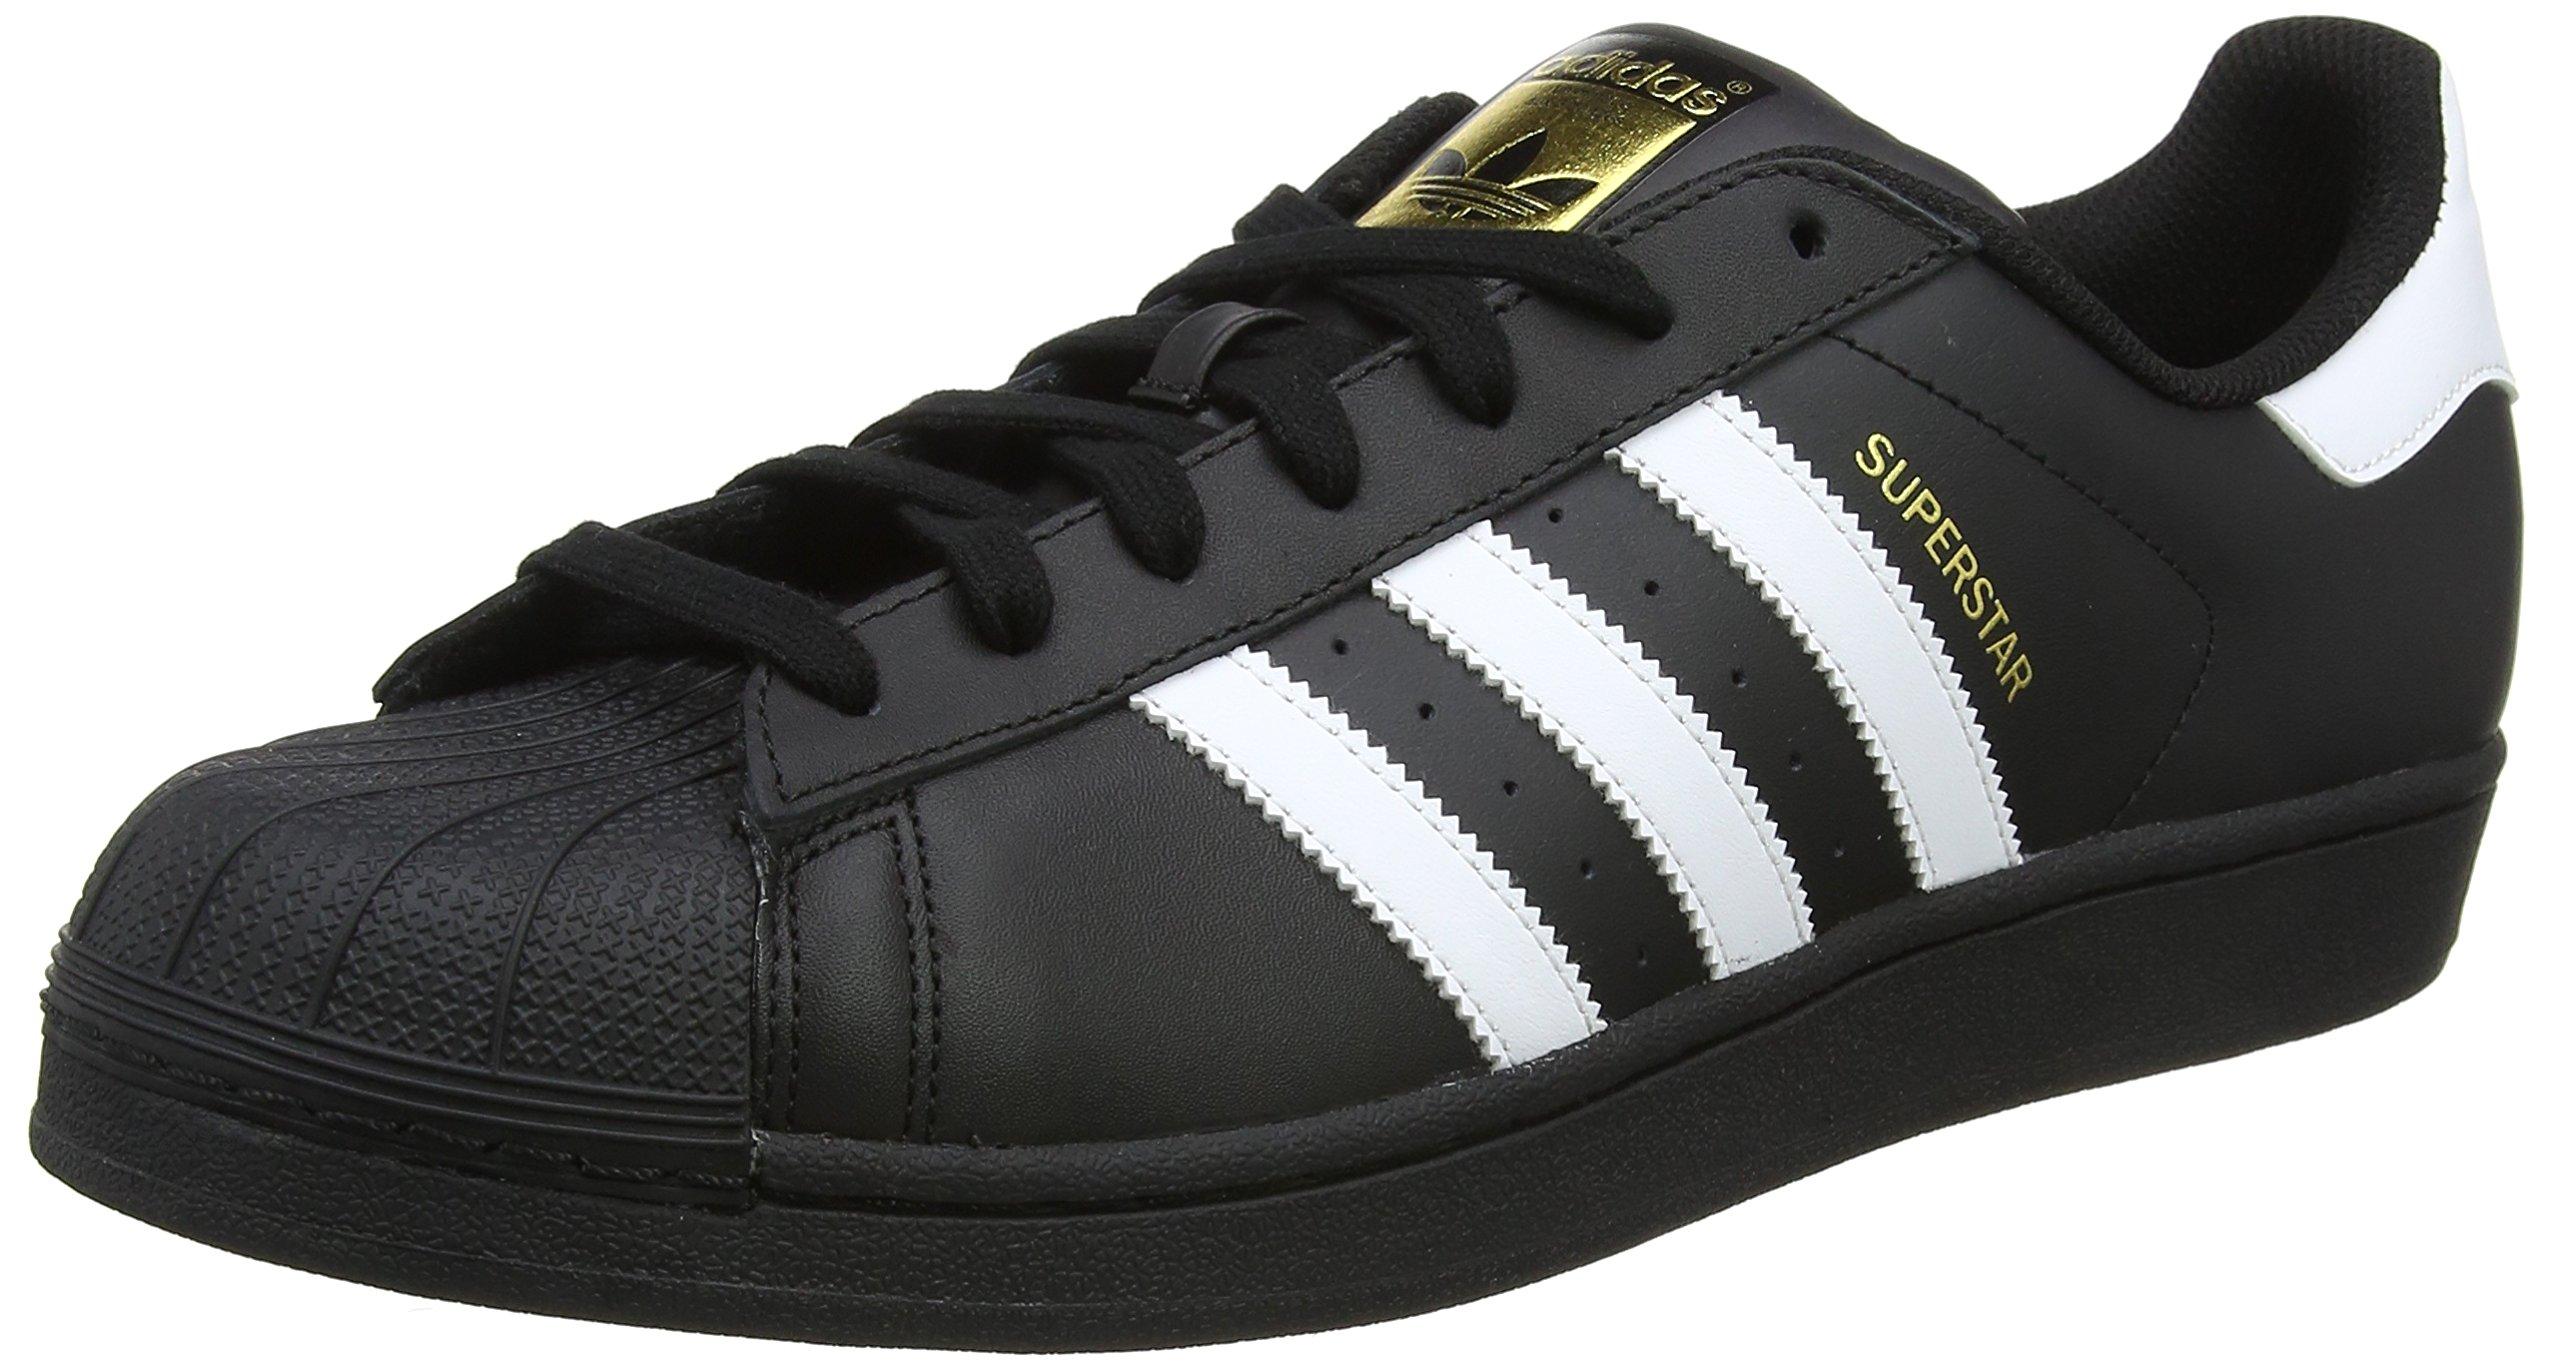 pretty nice fd04e c4c81 Adidas Originals Superstar Foundation Scarpe da Ginnastica Unisex ...